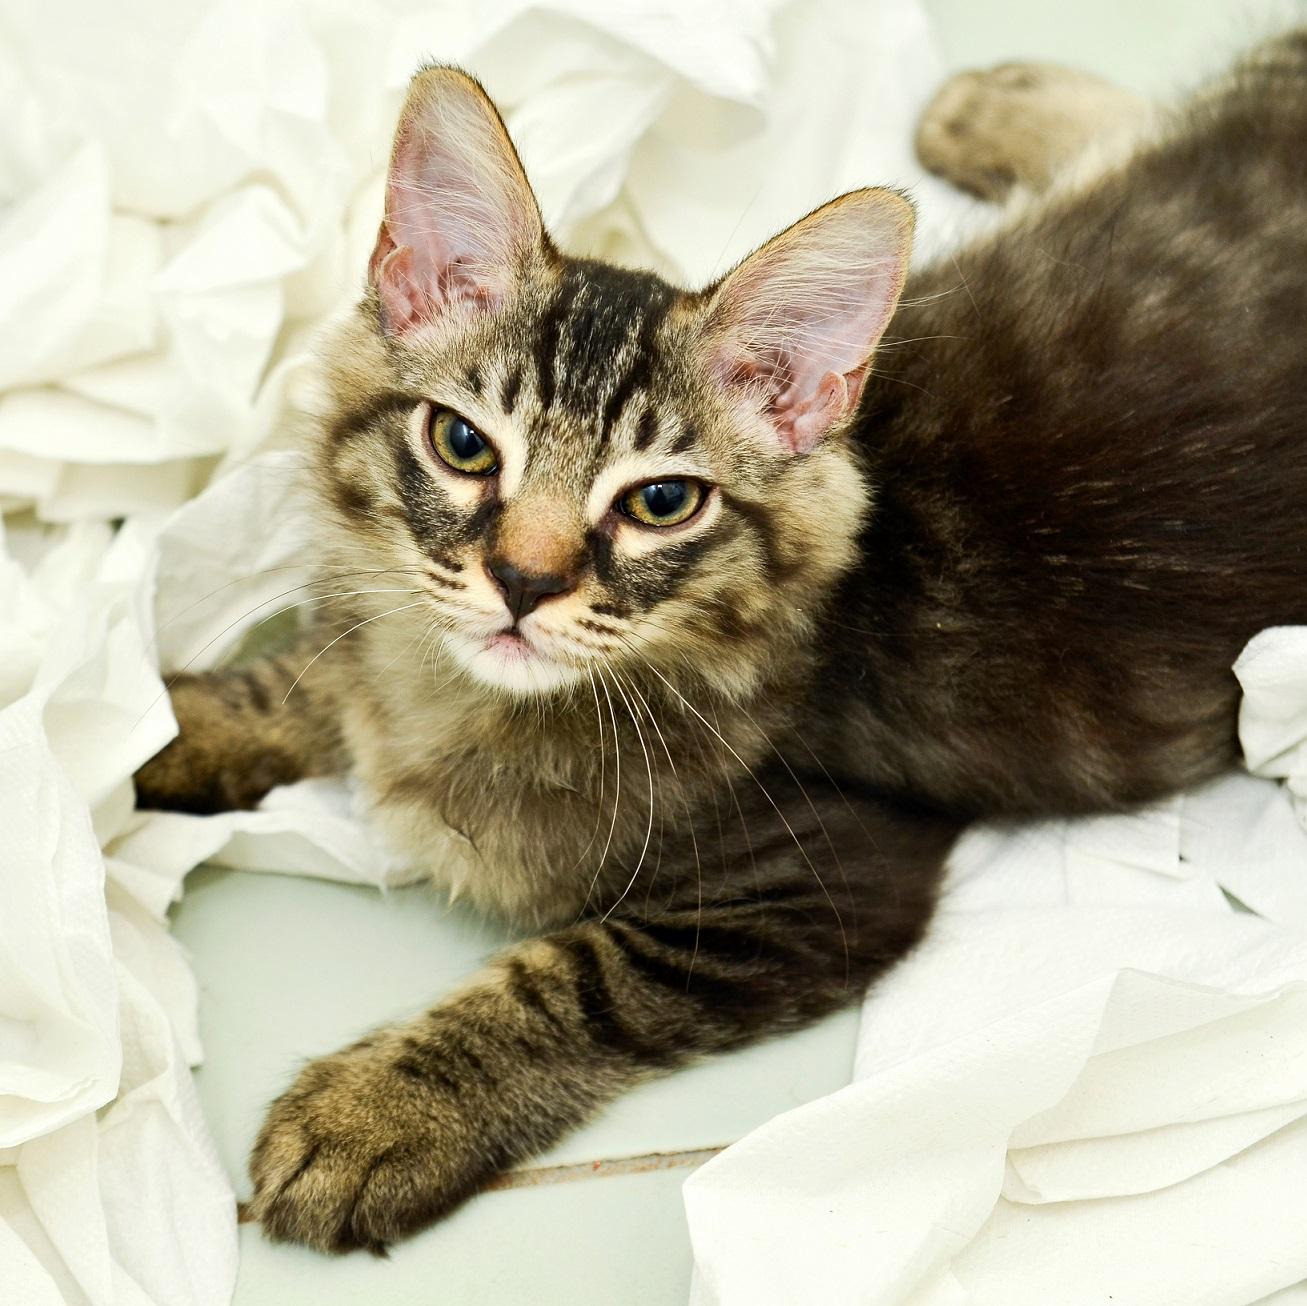 Lire la suite: Mon chat éternue